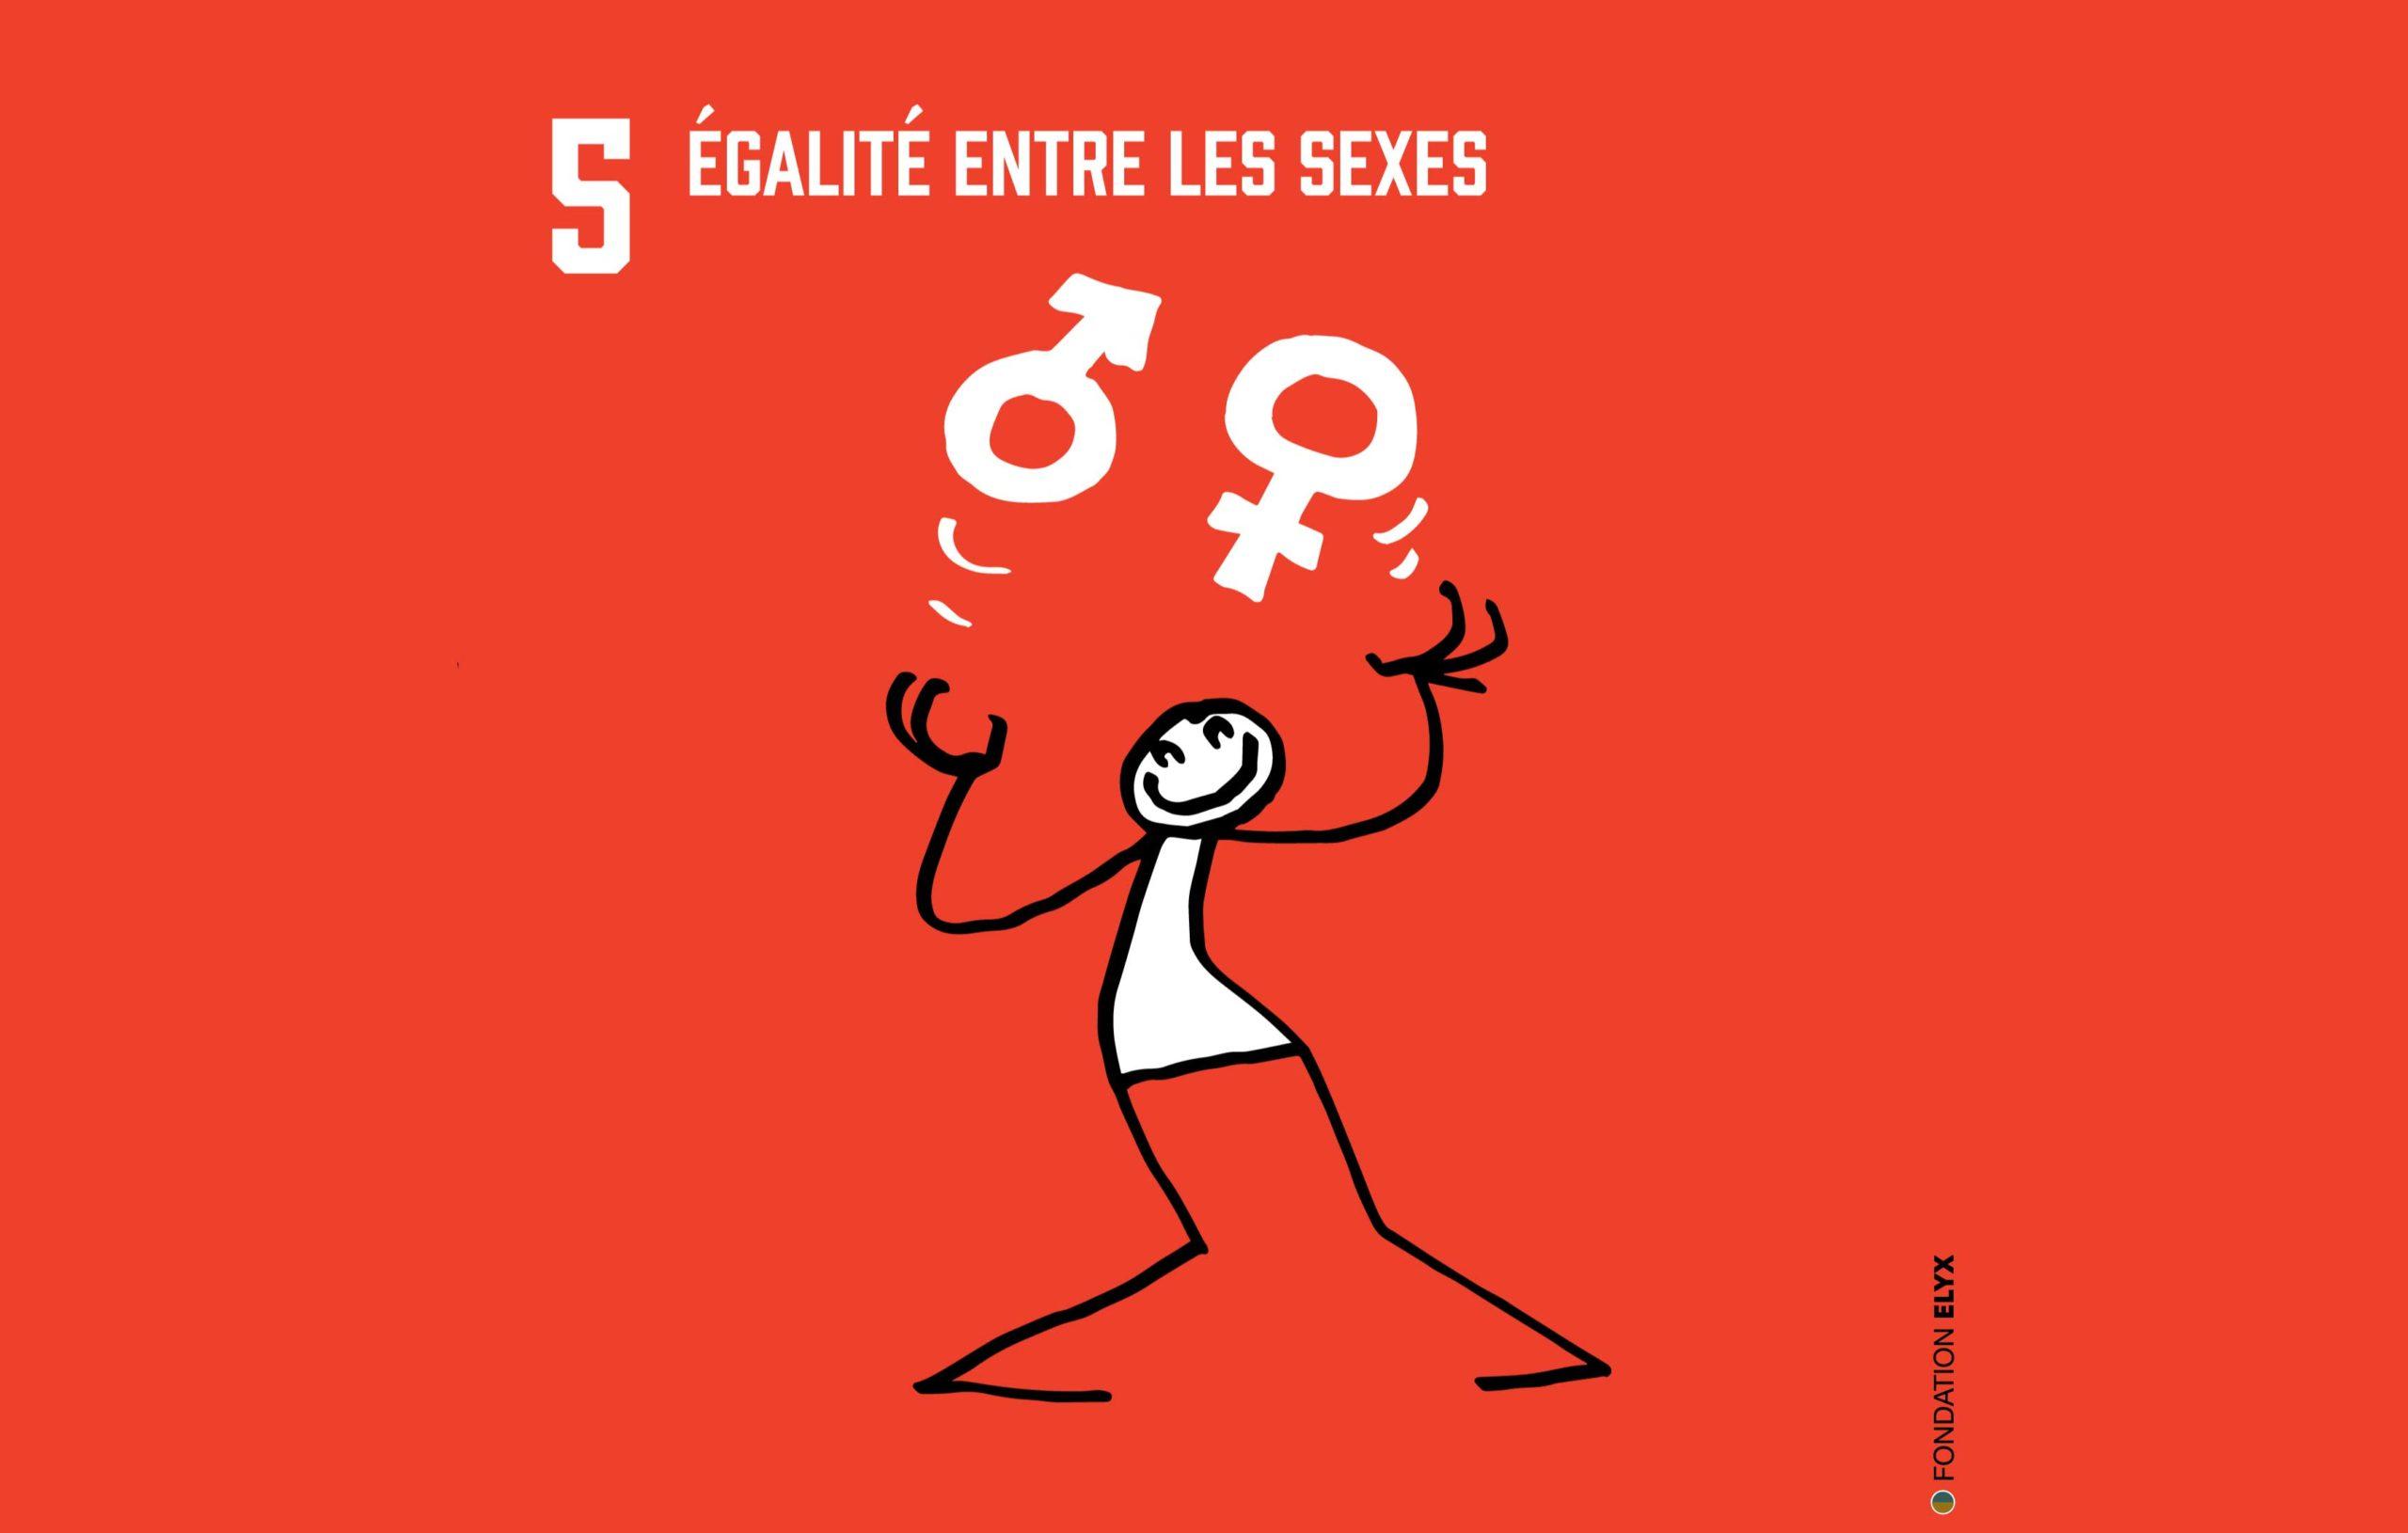 egalite_feme-homme